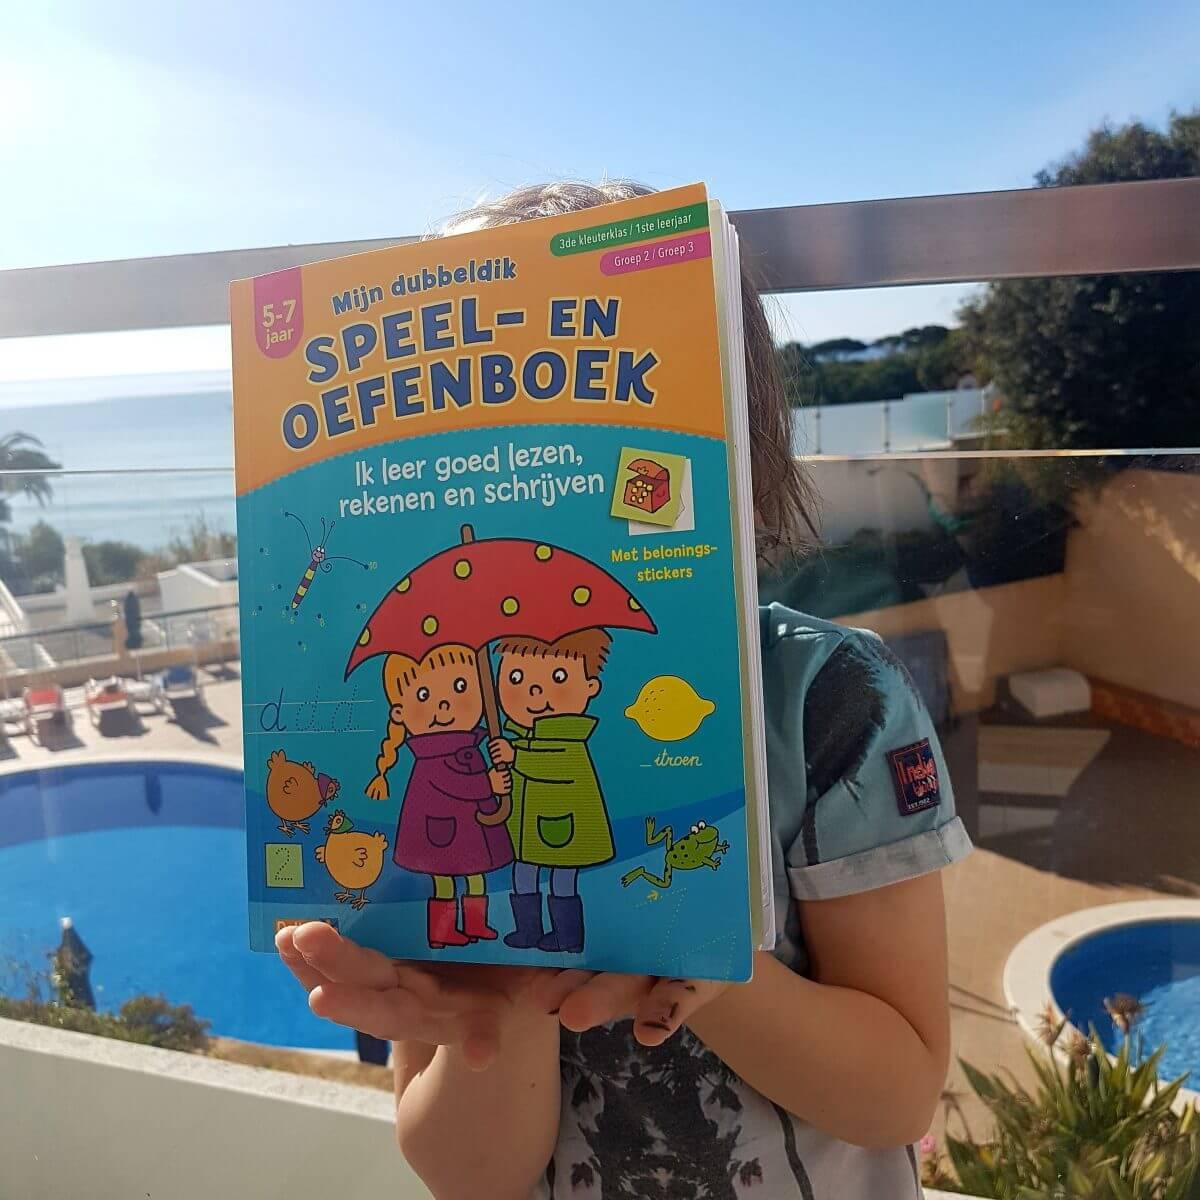 Tip: speel en oefenboek voor onderweg en op vakantie